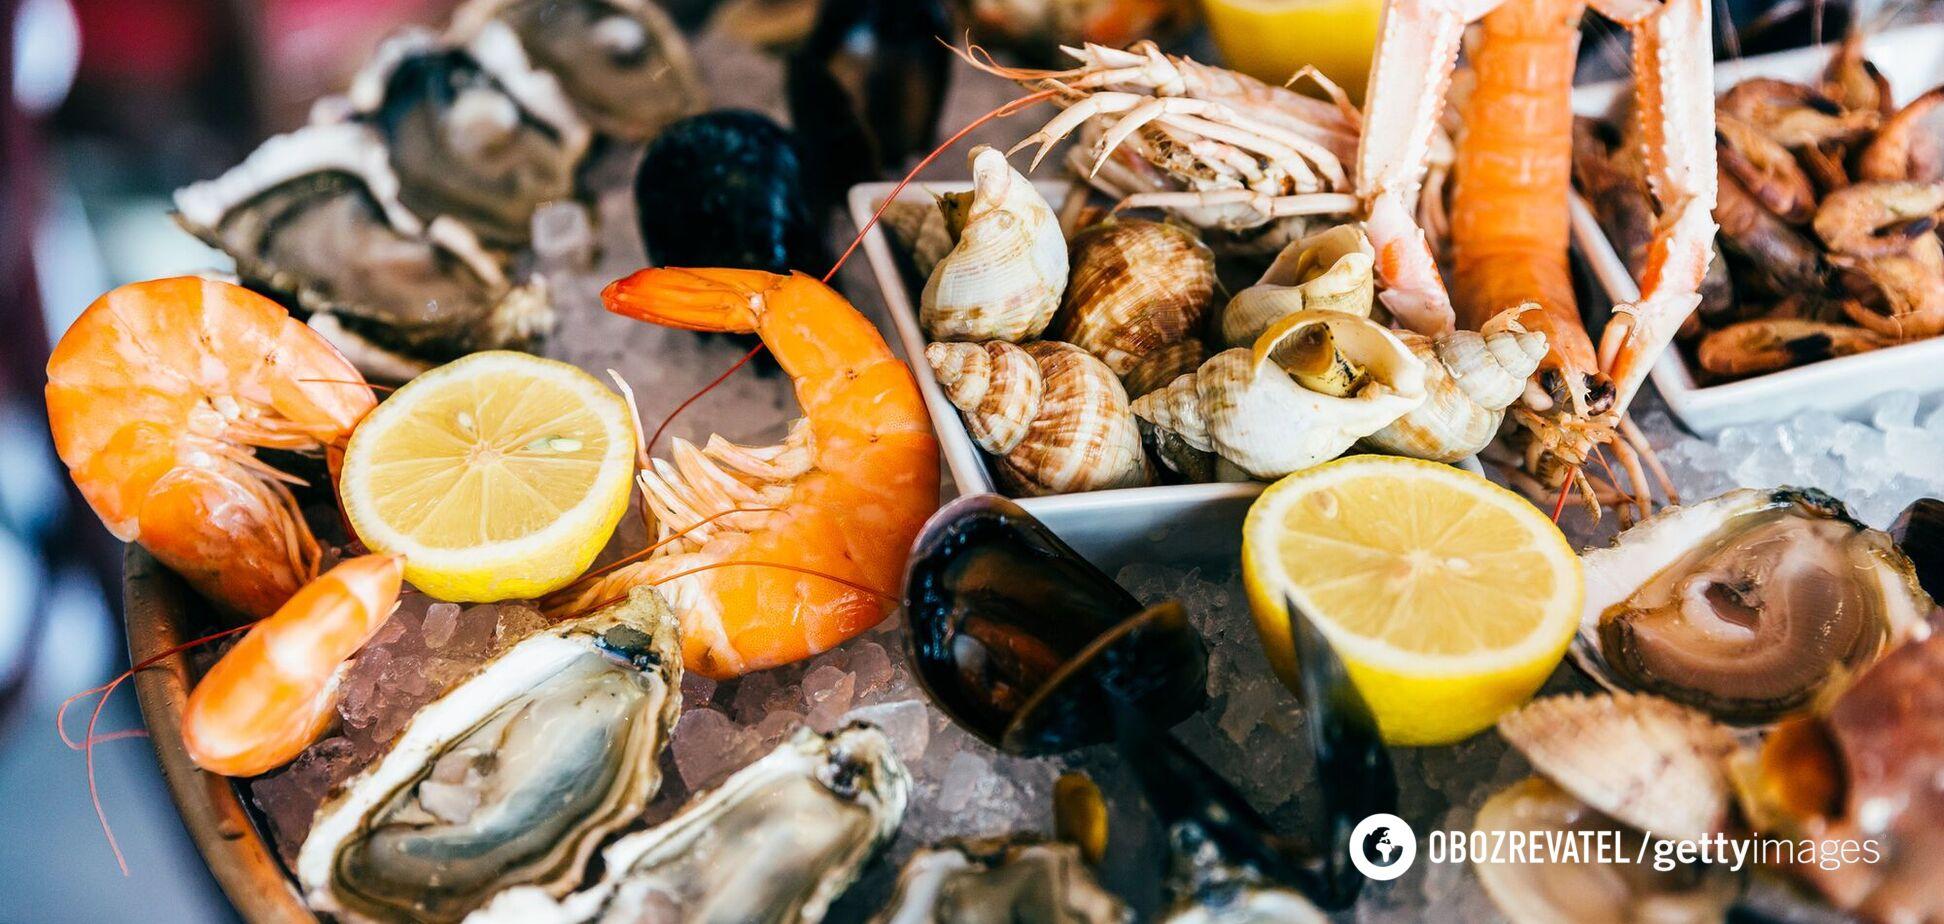 Дієтологиня розповіла про шкоду морепродуктів для хворих на коронавірус